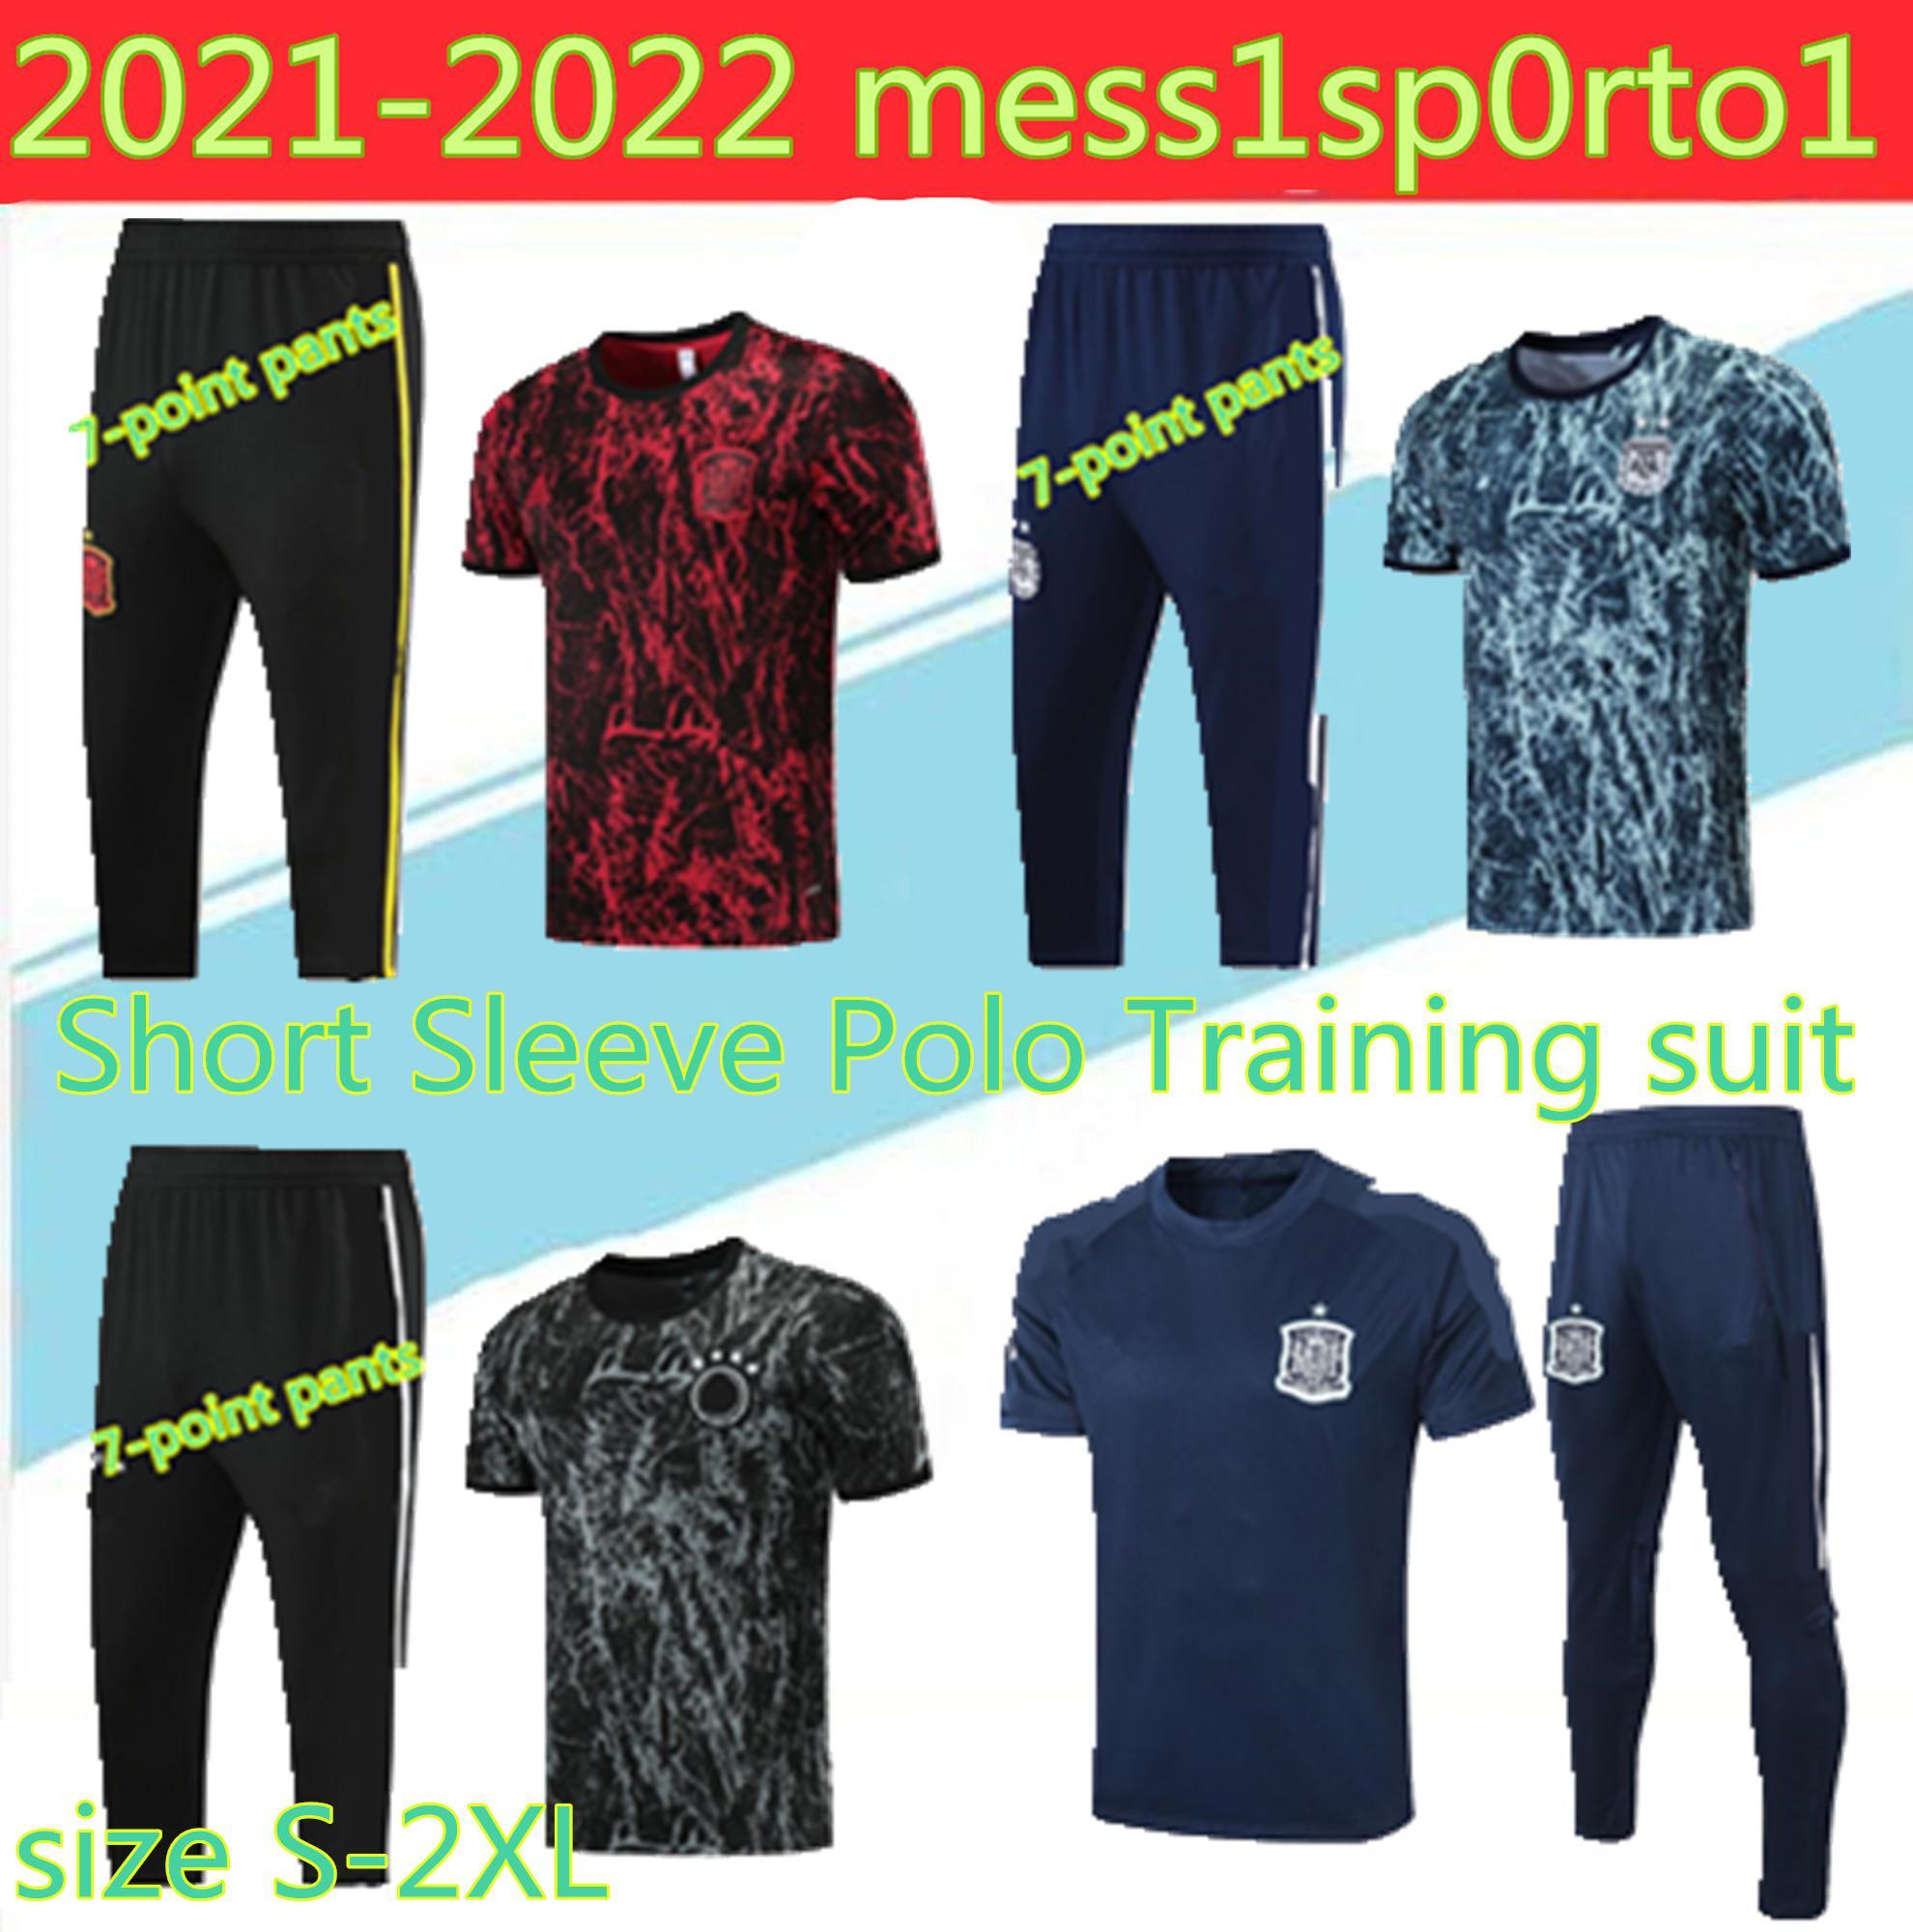 새로운 2021 국가 대표팀 스페인 월드컵 반팔 훈련 유니폼 20 22 22 POLO 3/4 아르헨티나 축구 뮬러 닫기 Dzagove. iniesta outdoors s-2xl